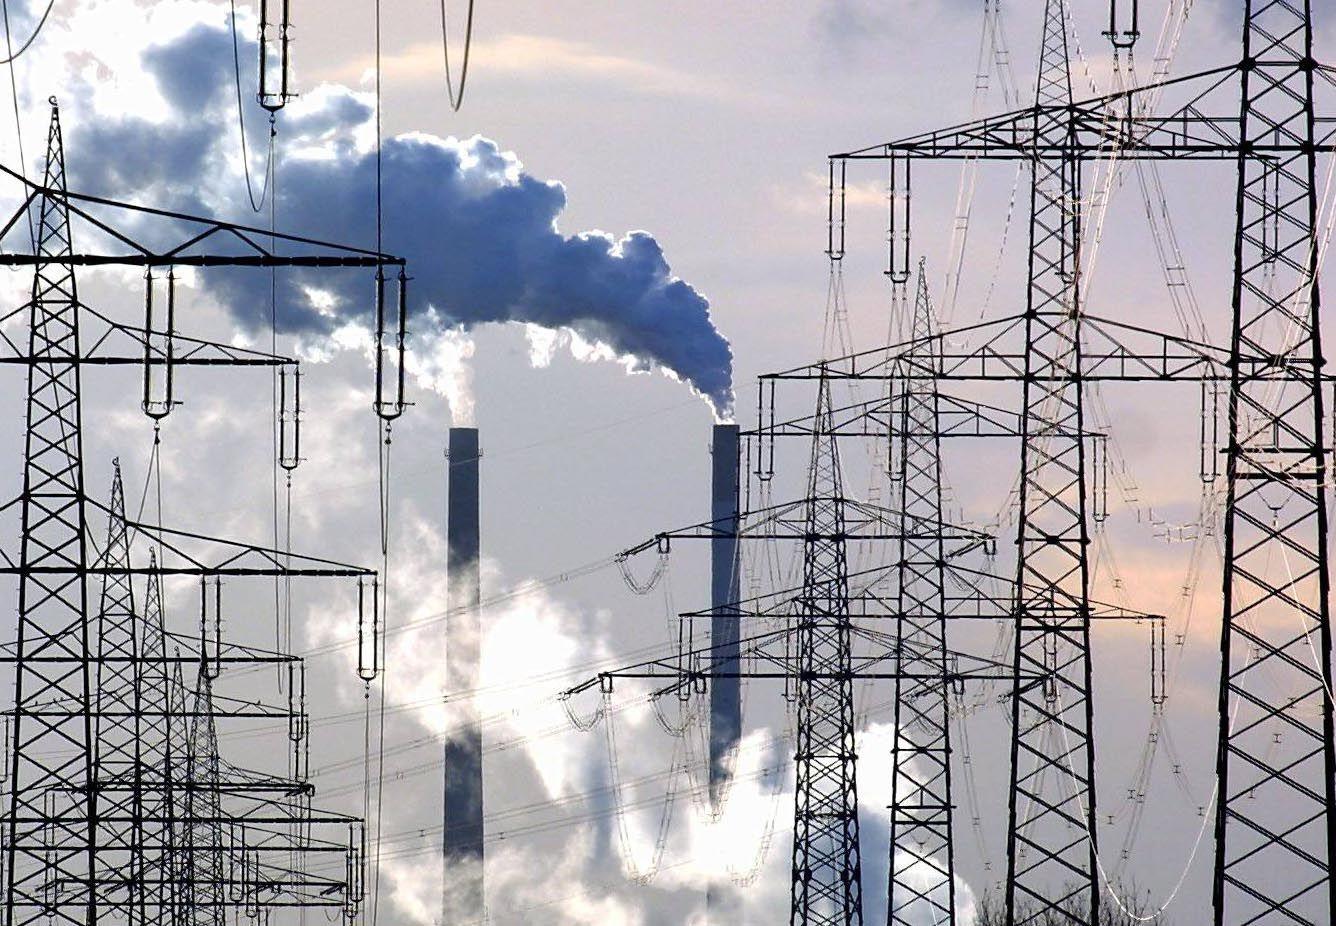 NICHT VERWENDEN Strommasten/ Stromnetz